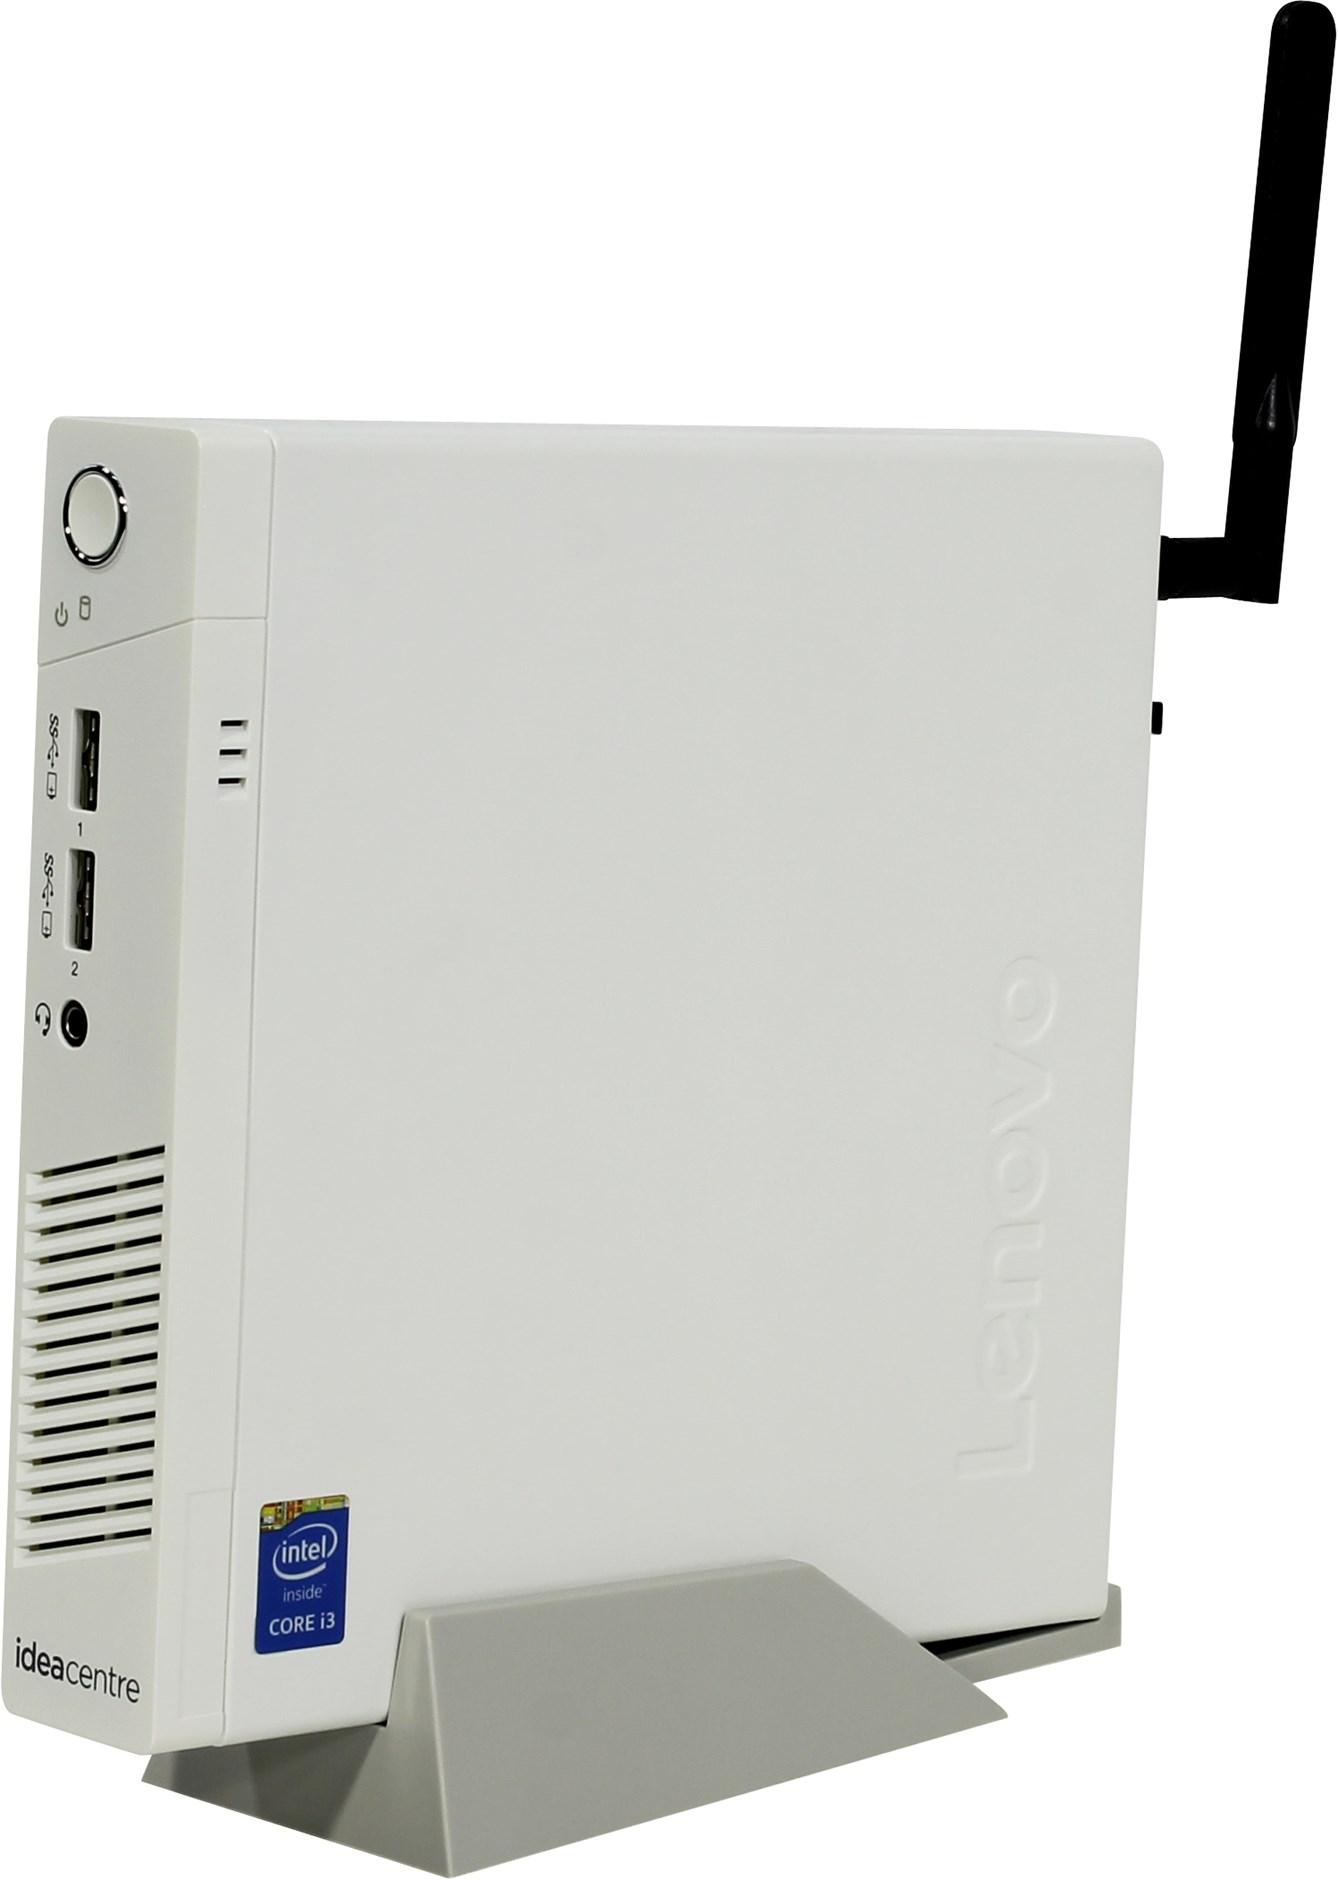 IdeaCentreКомпьютеры для работы и учебы<br>Неттоп<br>